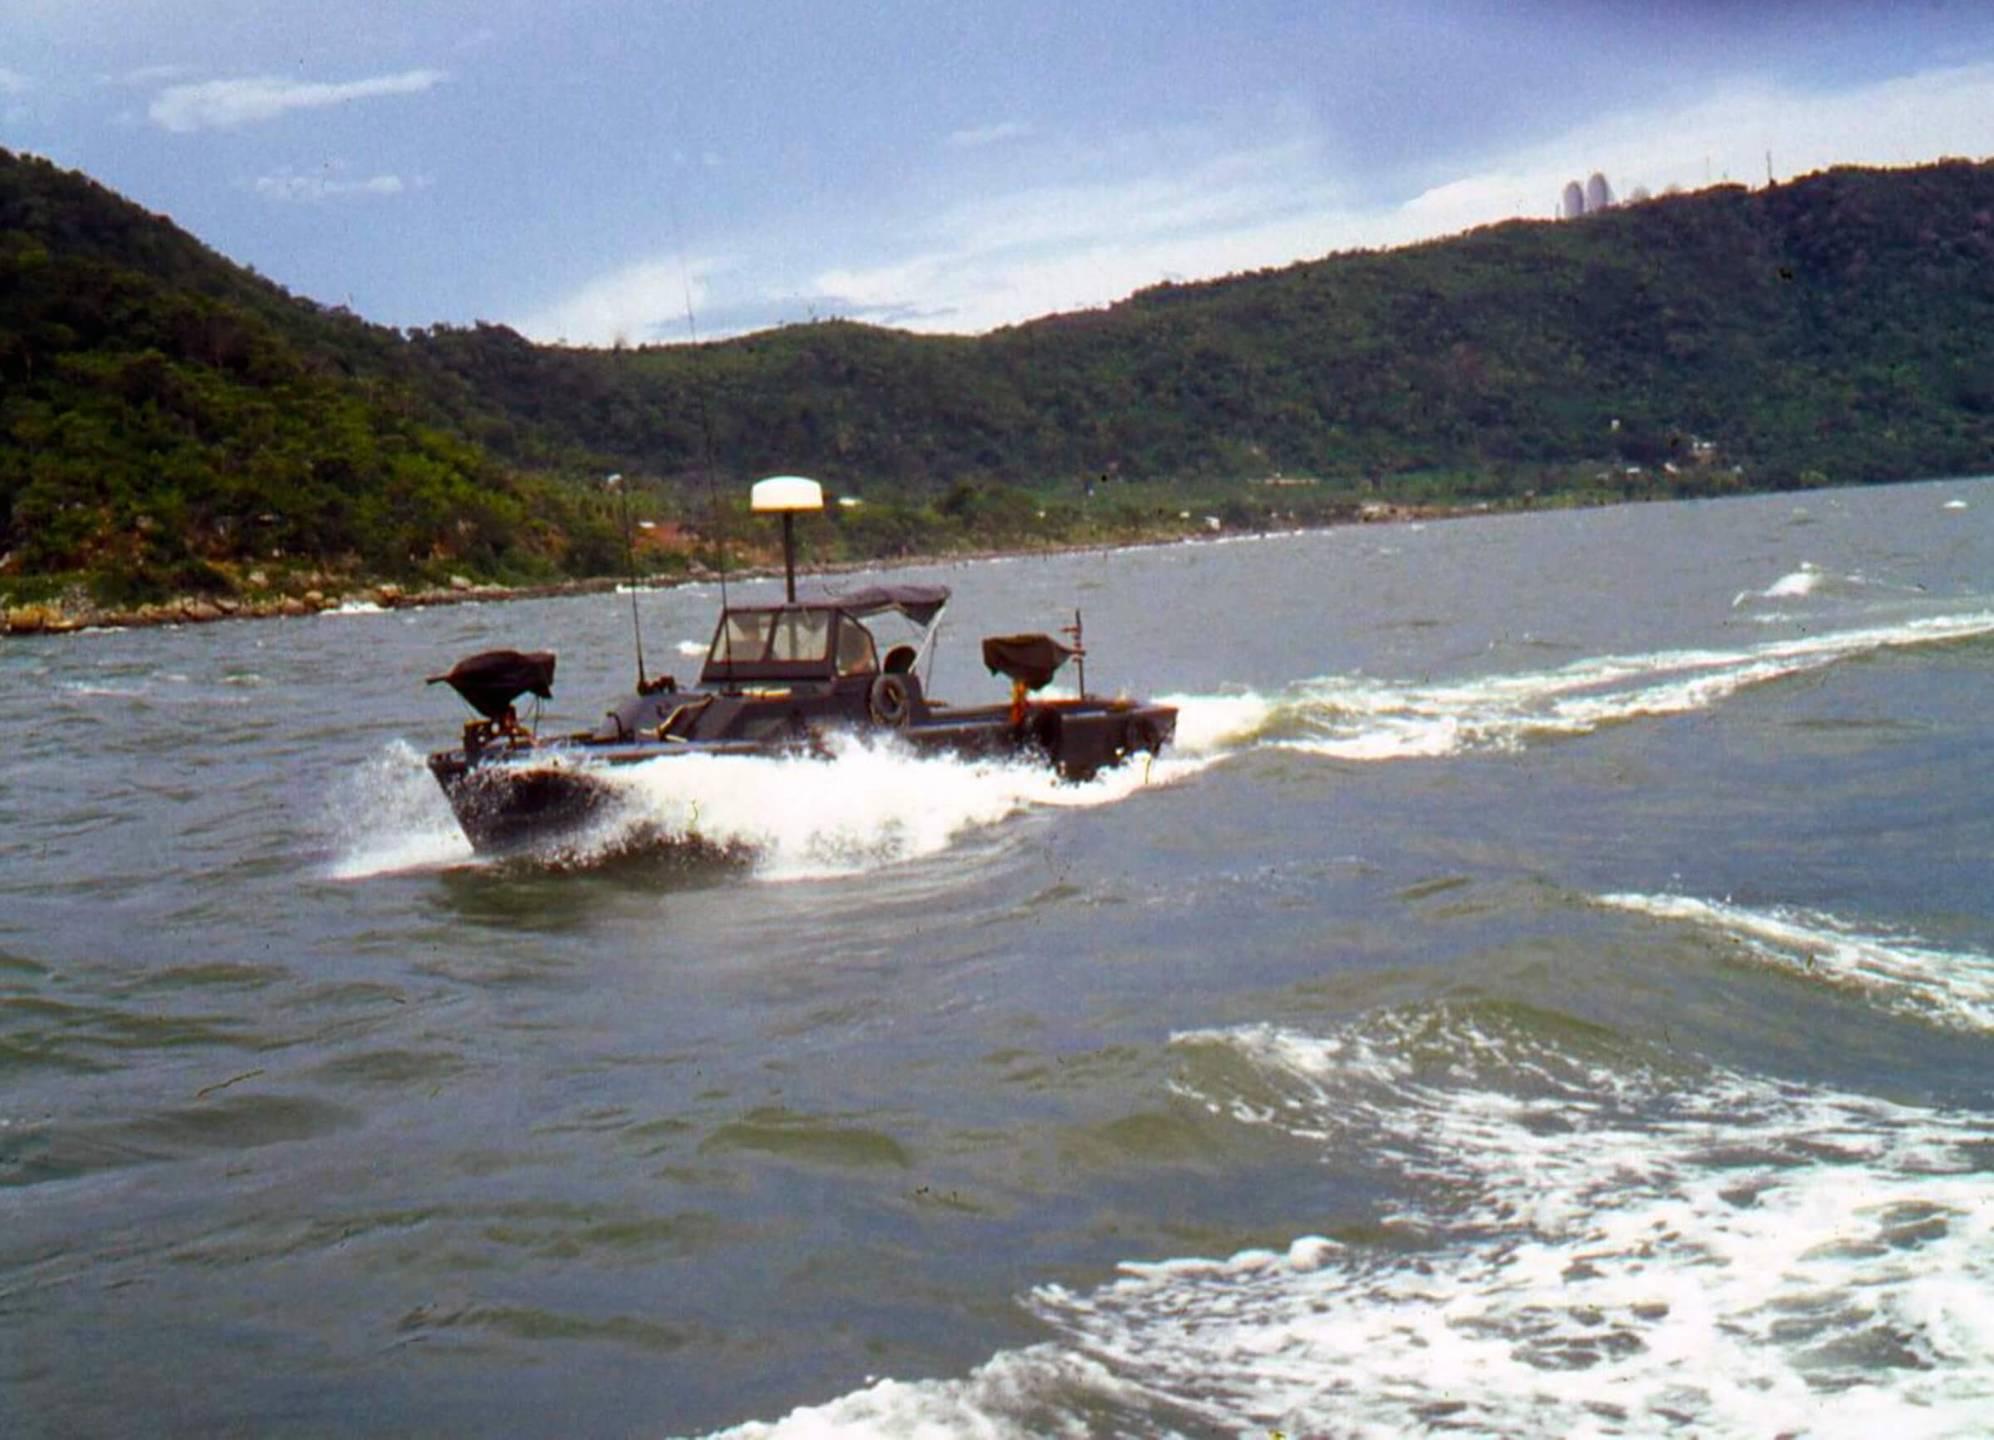 Patrol boat on the ocean.